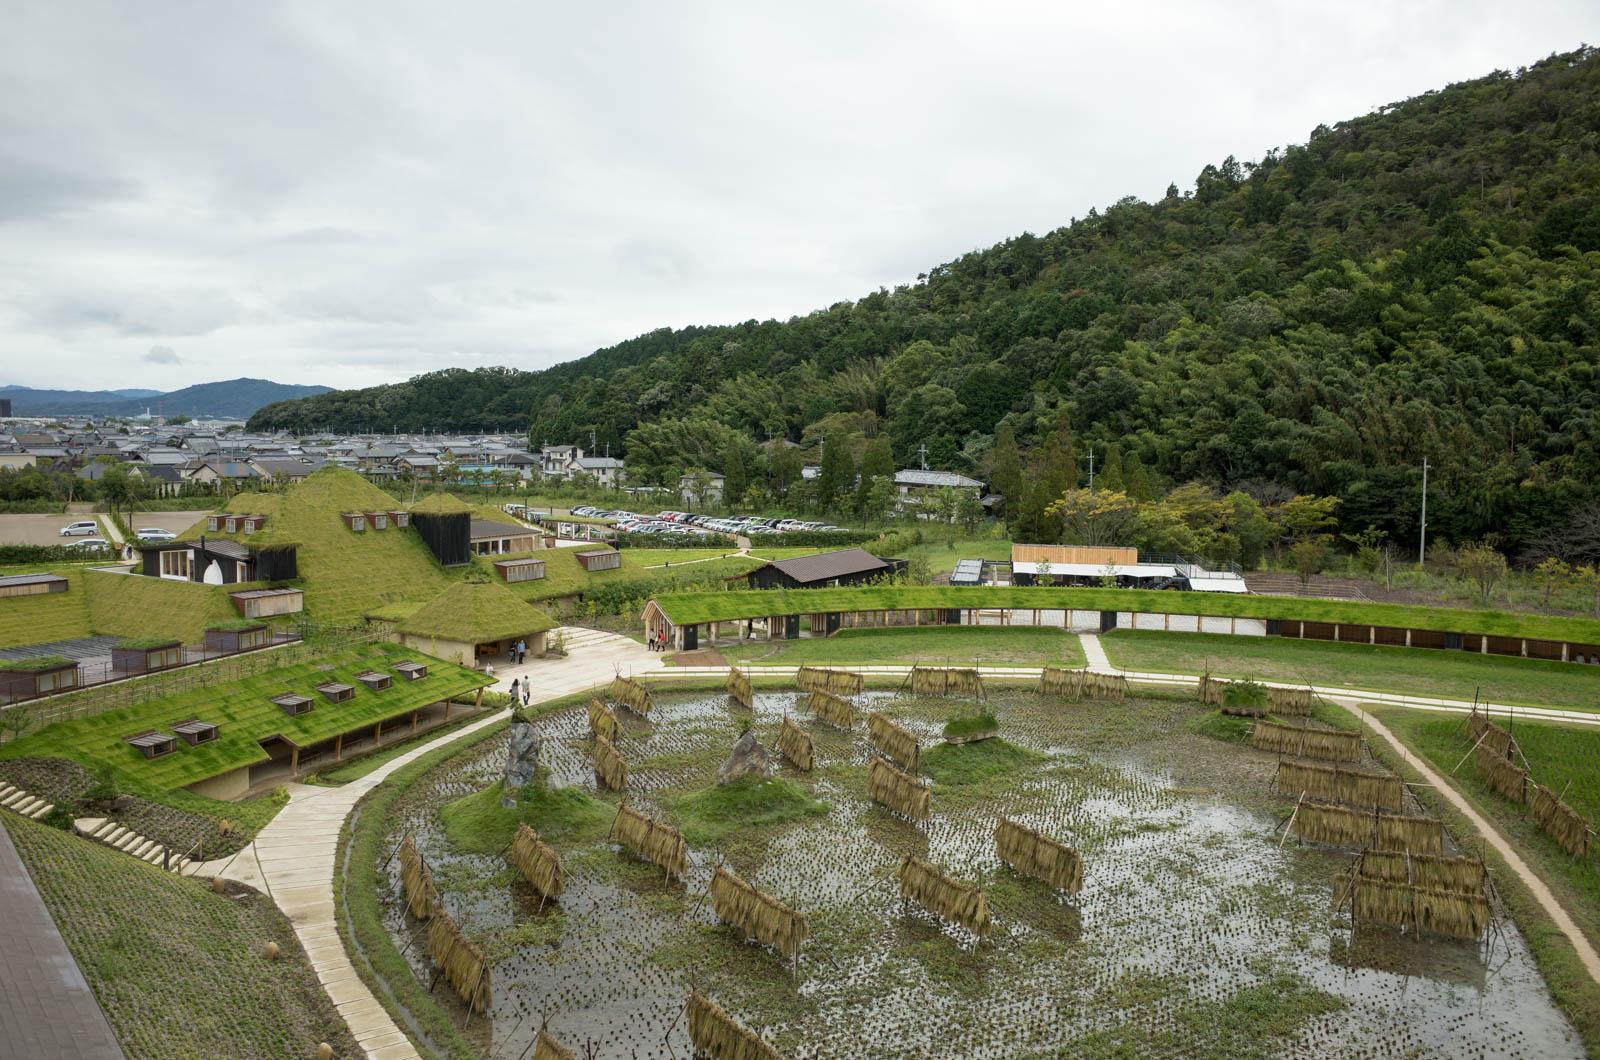 藤森照信ミュージアム見学「ラ コリーナ近江八幡」のツアーに参加してきた!